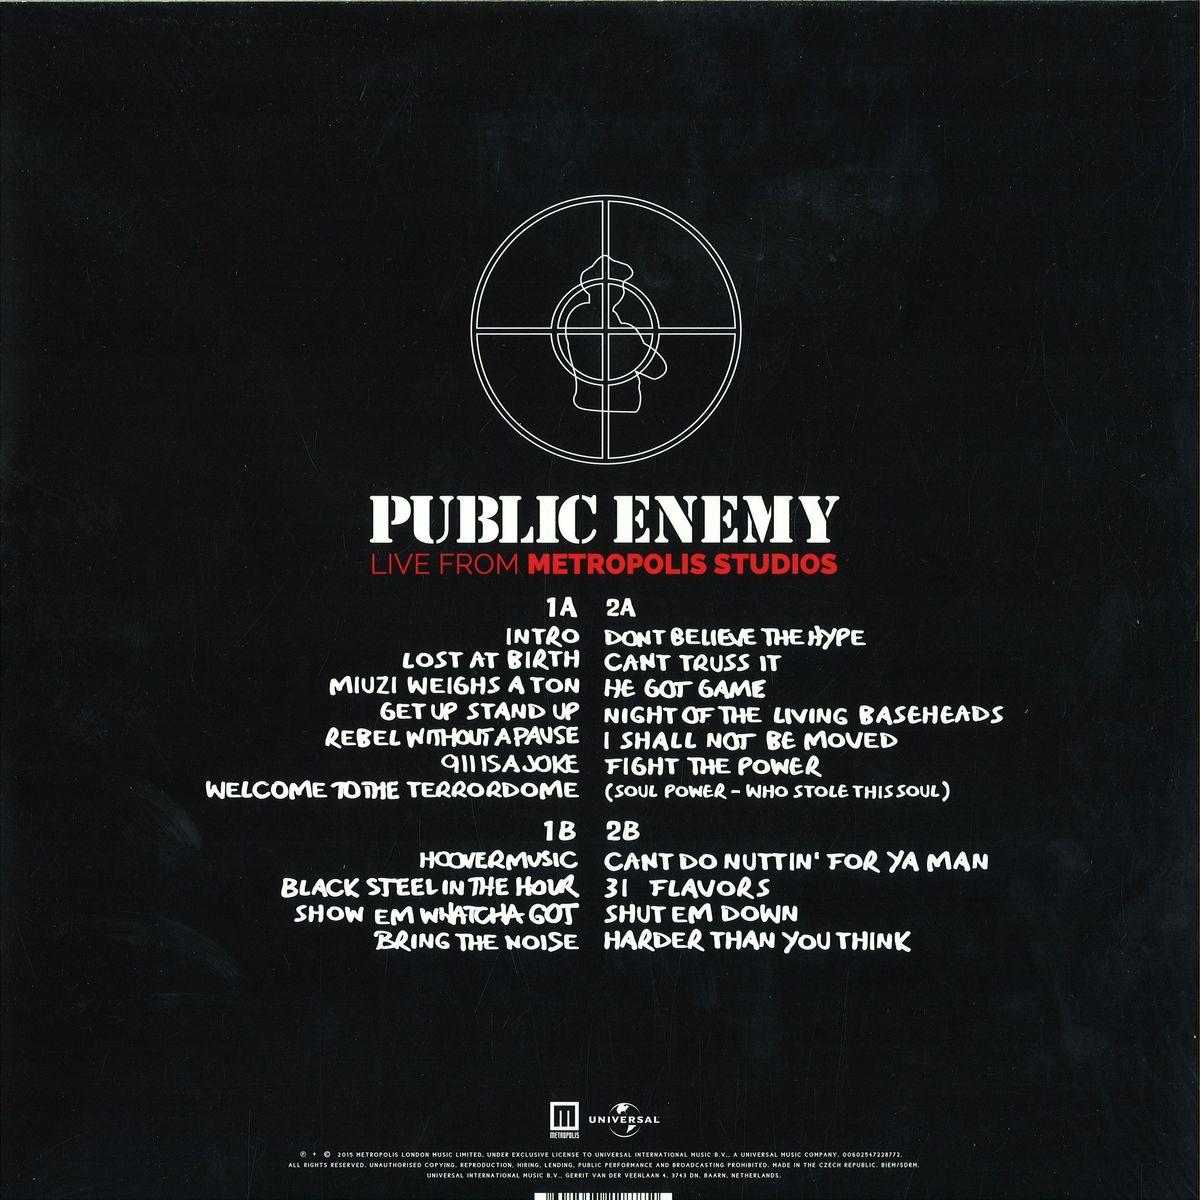 Public Enemy - Live From Metropolis Studios / Polydor 4722877 - Vinyl